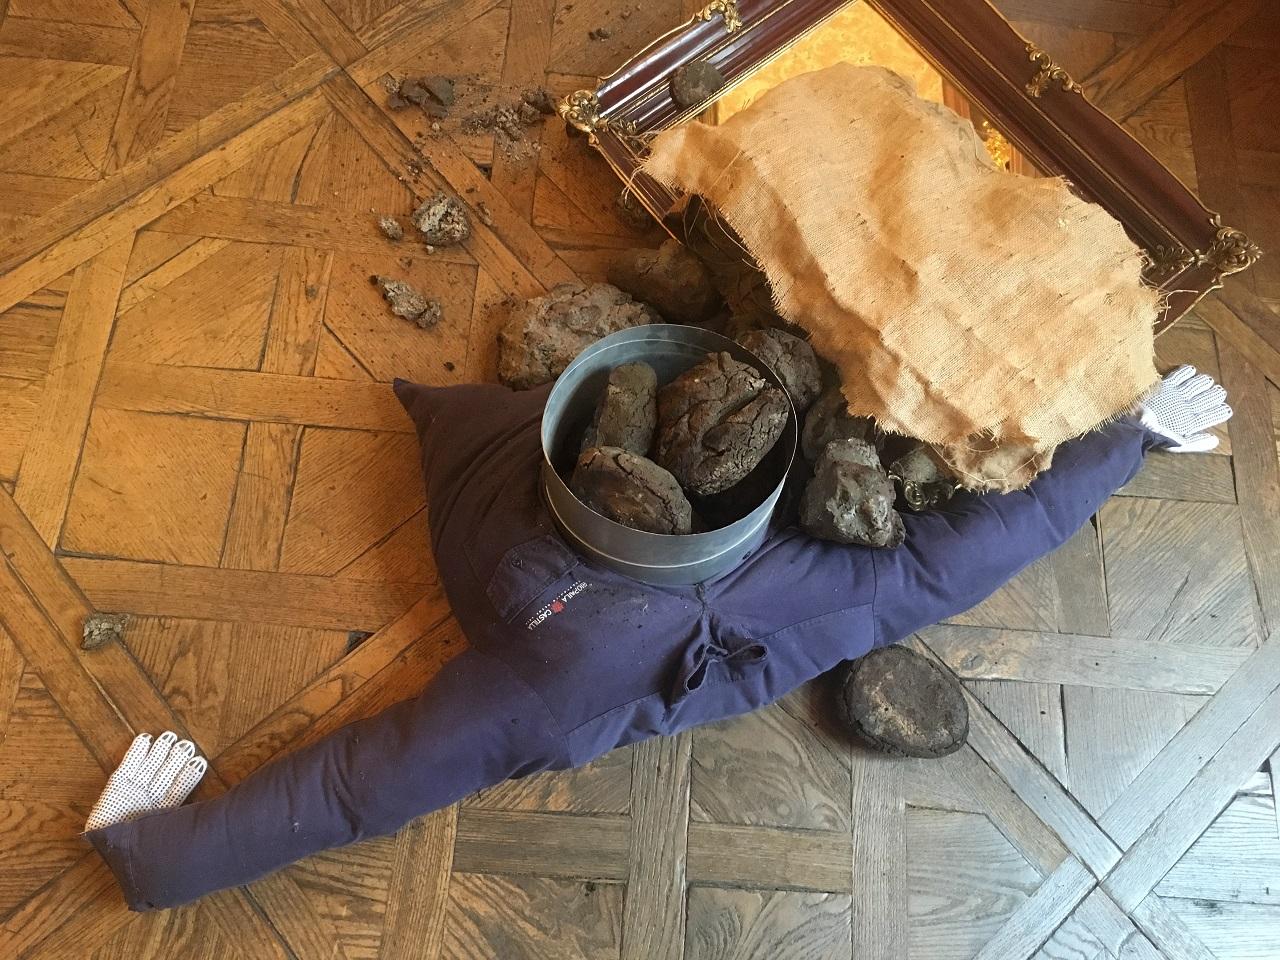 Materialien sind so am Parkett angeordnet, dass man denkt, einen verunfallten Arbeiter am Boden liegen zu sehen. Eine Installation von Oscar Murillo im Palais Attems in Graz.